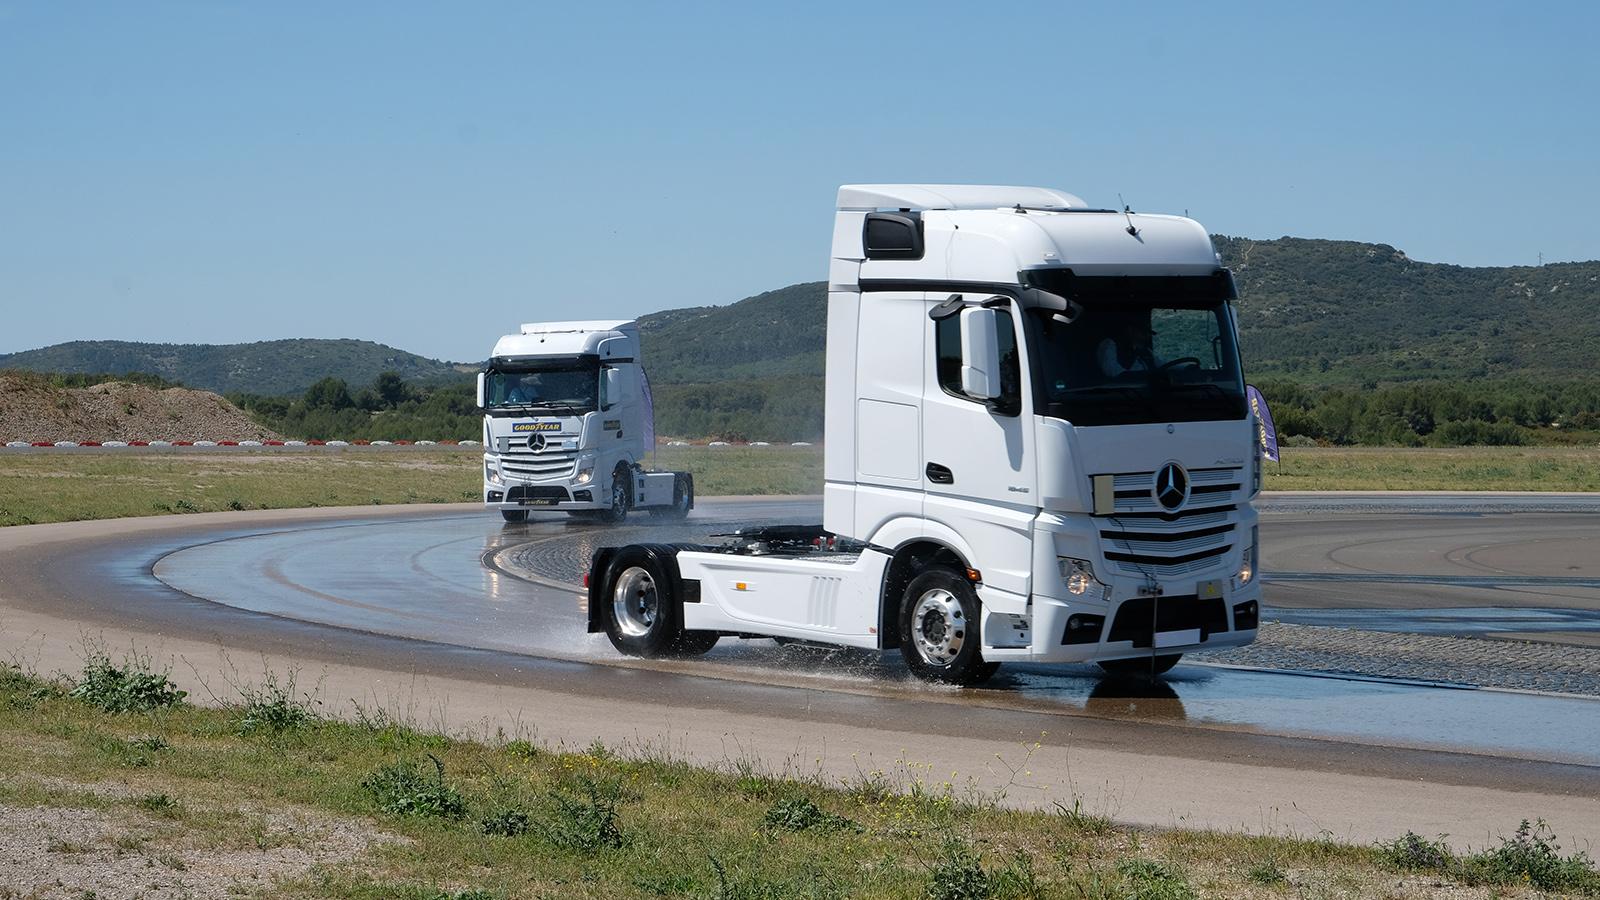 Totul despre testarea anvelopelor pentru camion făcută de Goodyear